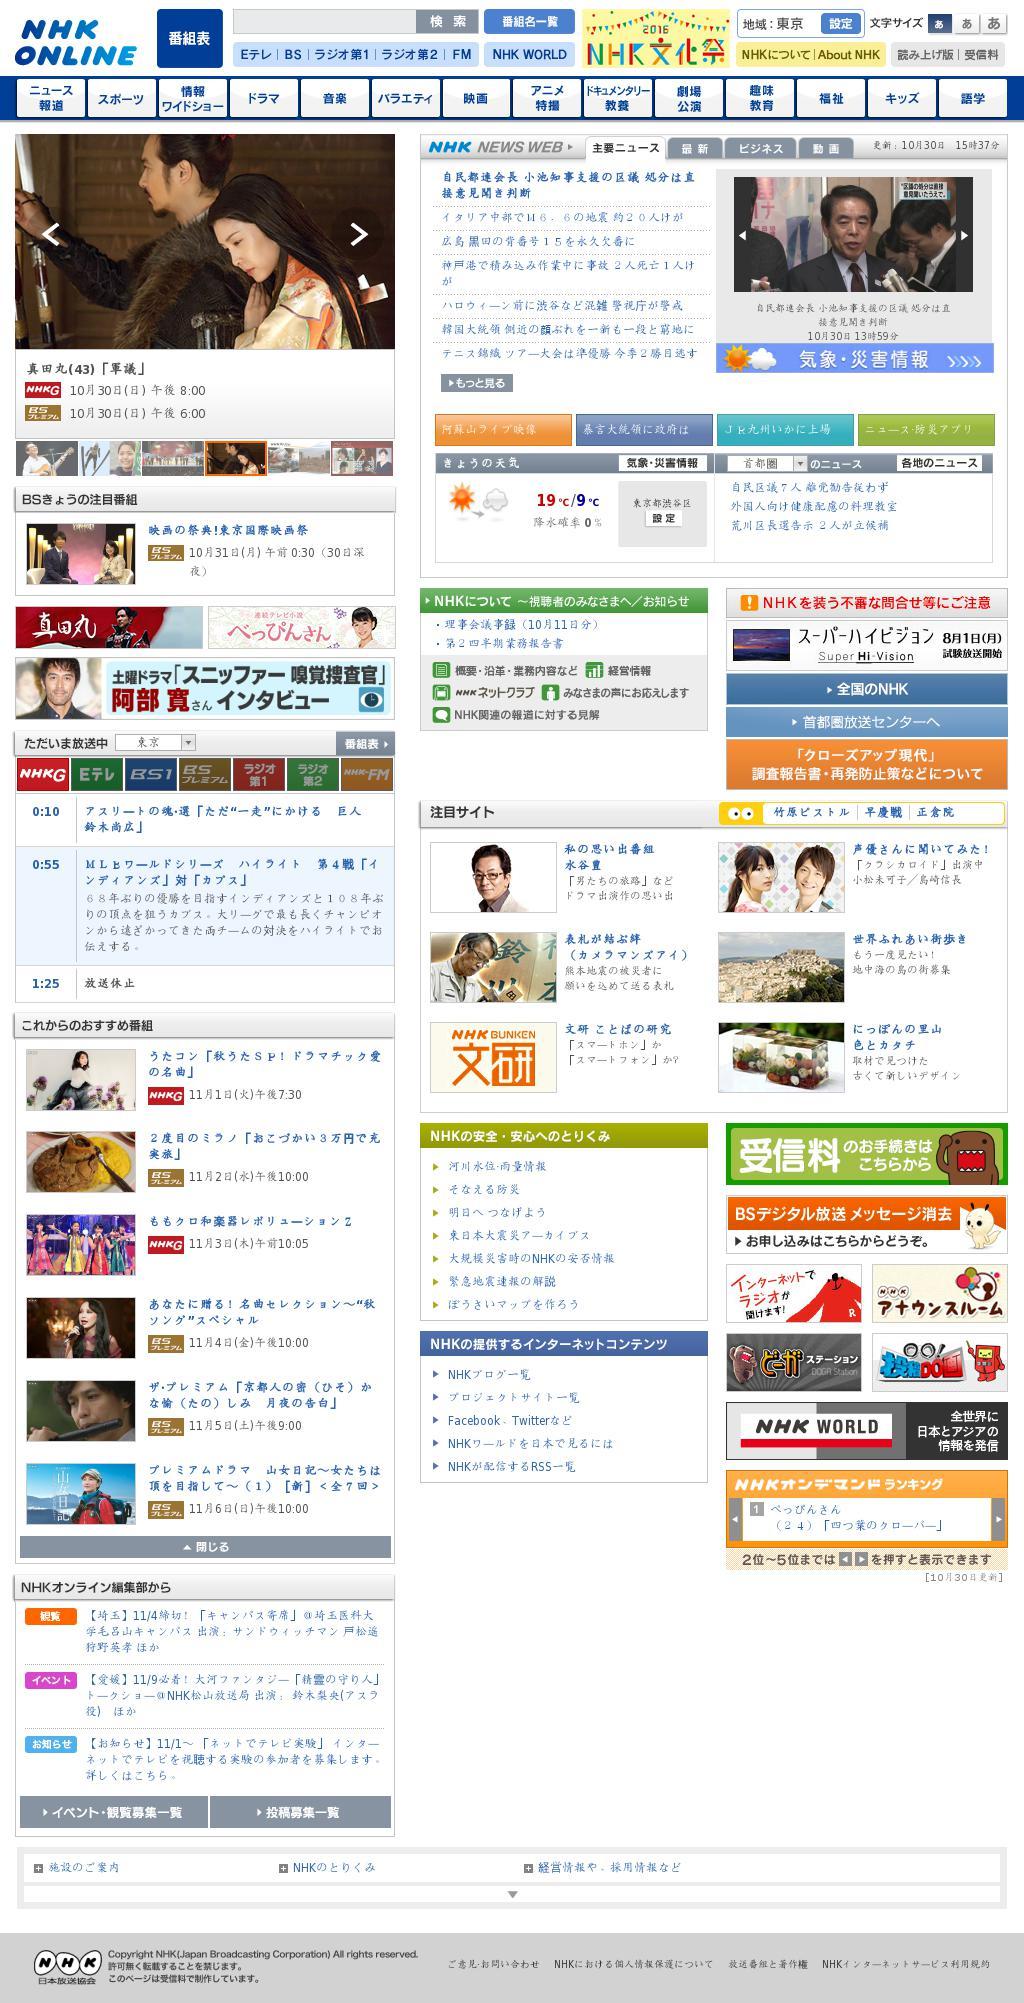 NHK Online at Sunday Oct. 30, 2016, 4:13 p.m. UTC